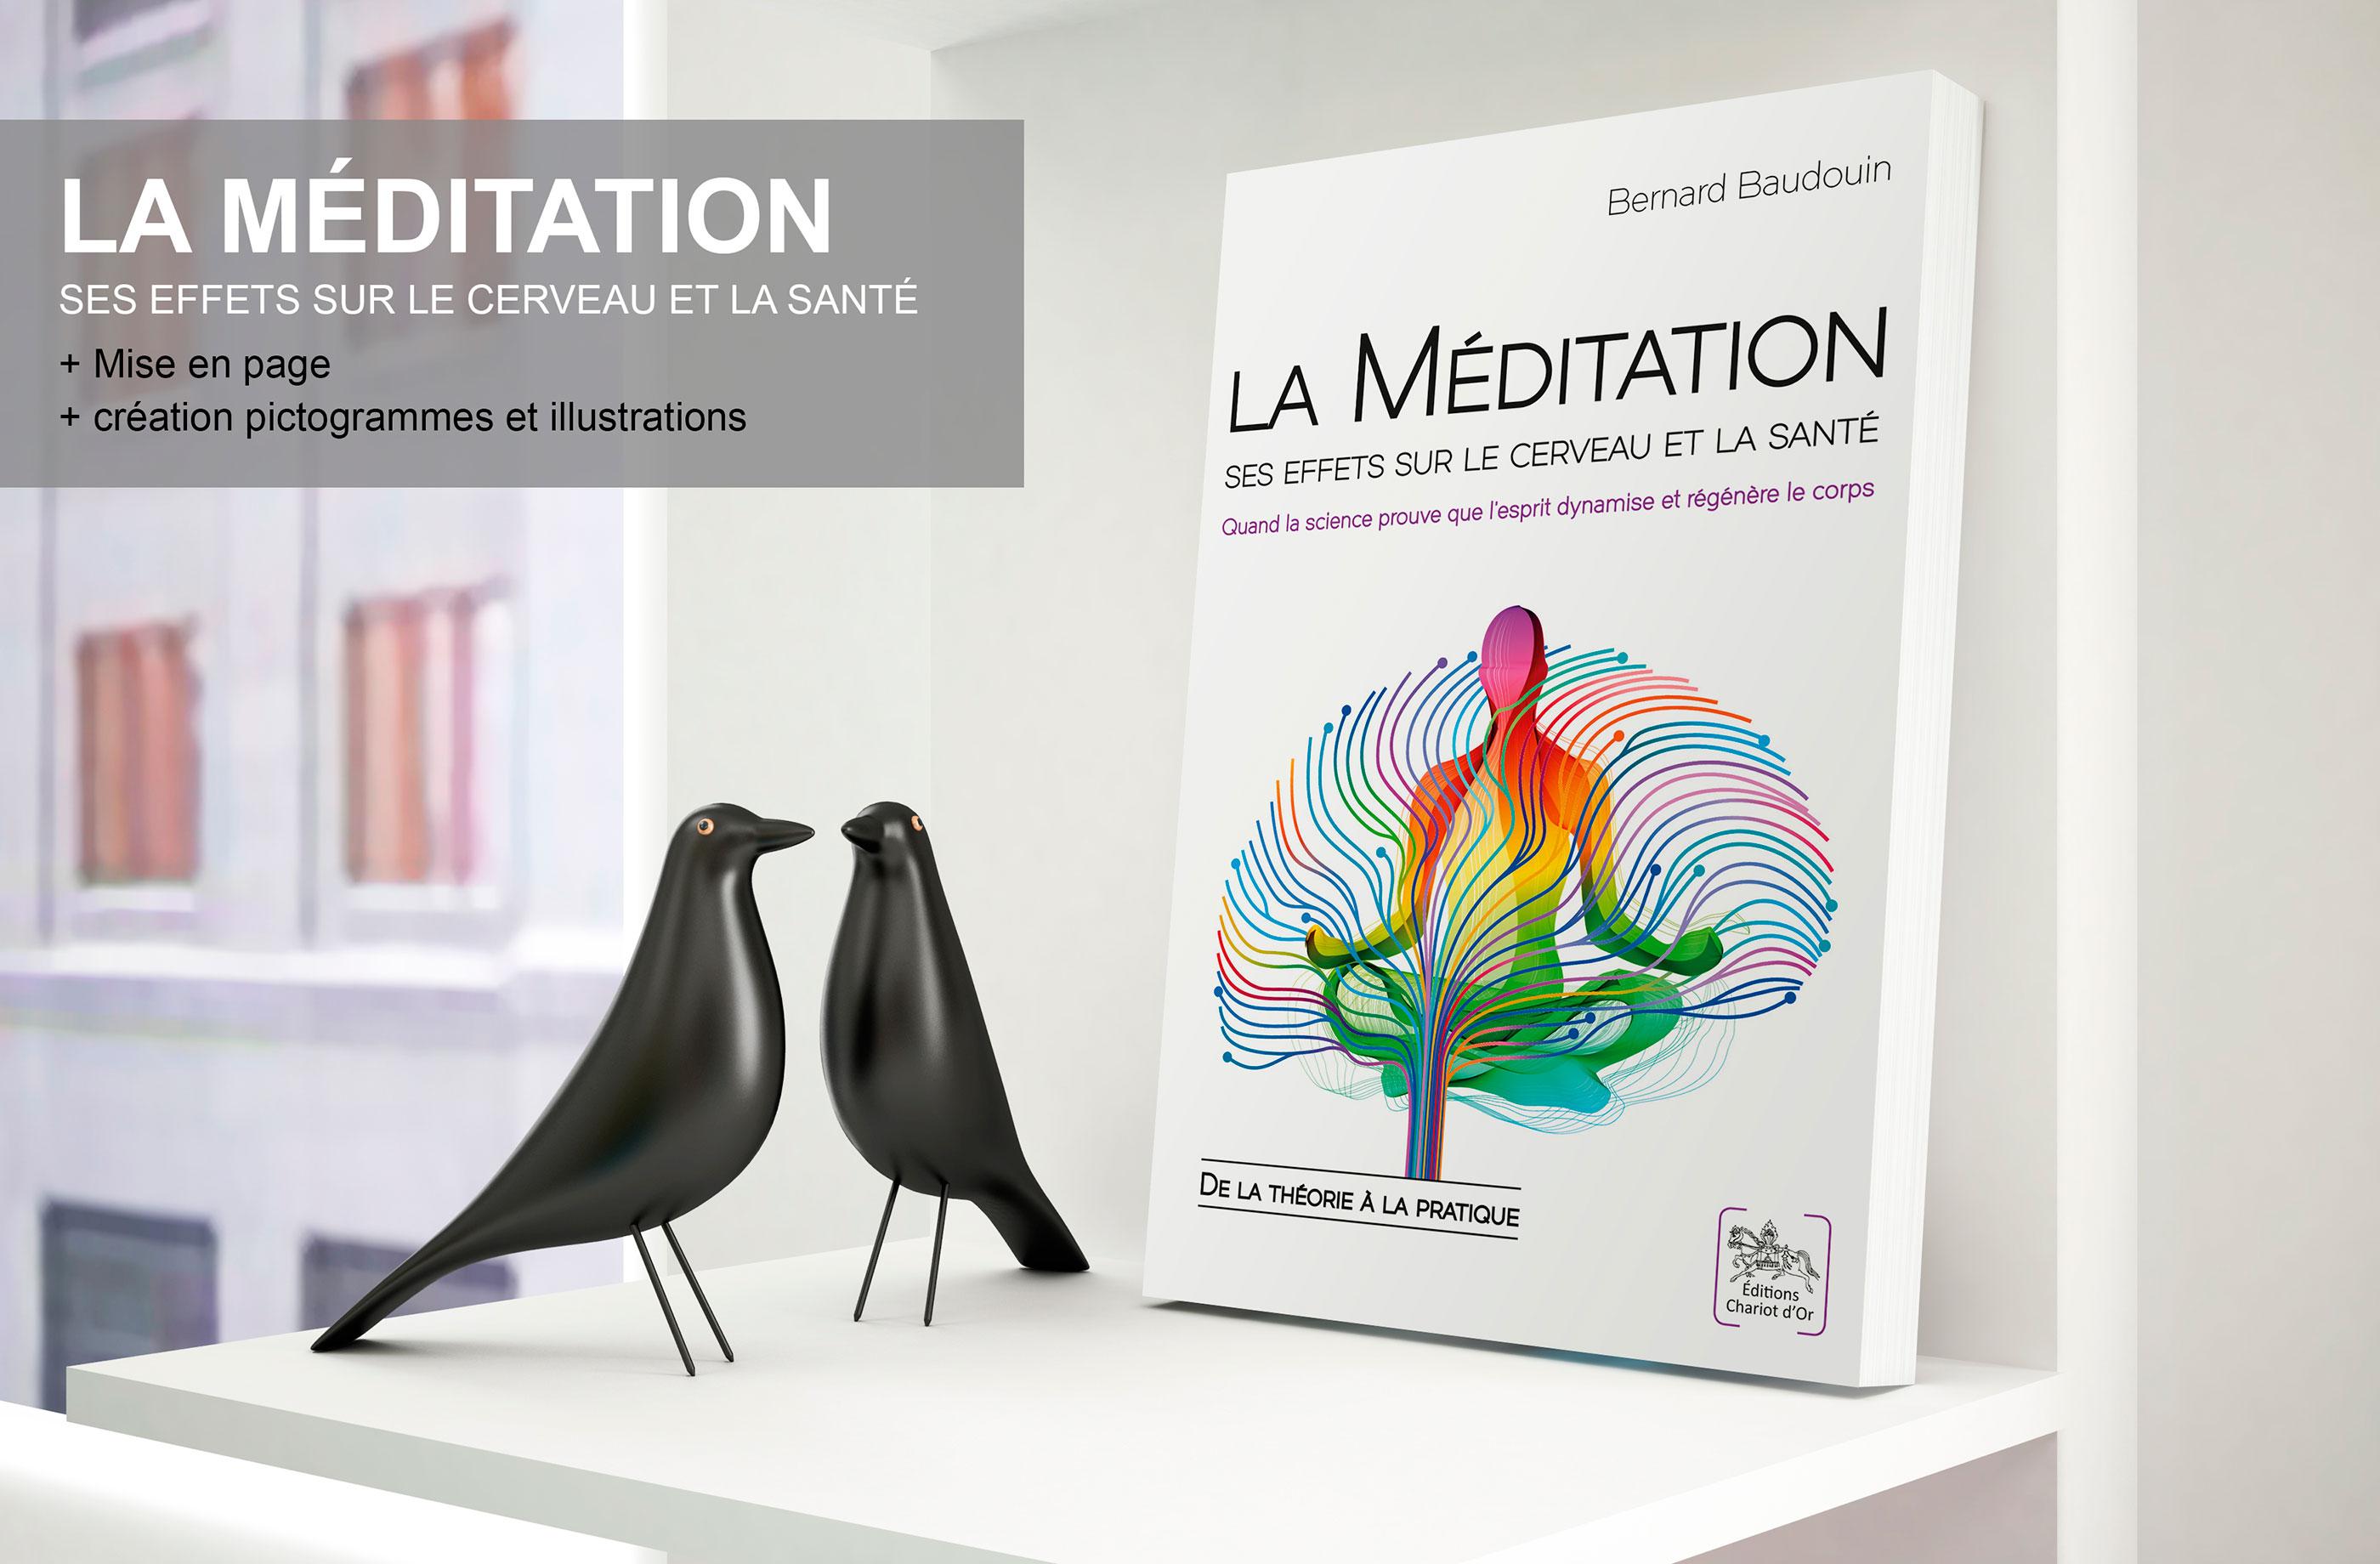 Piktos | La méditation ses effets sur le cerveau et la santé